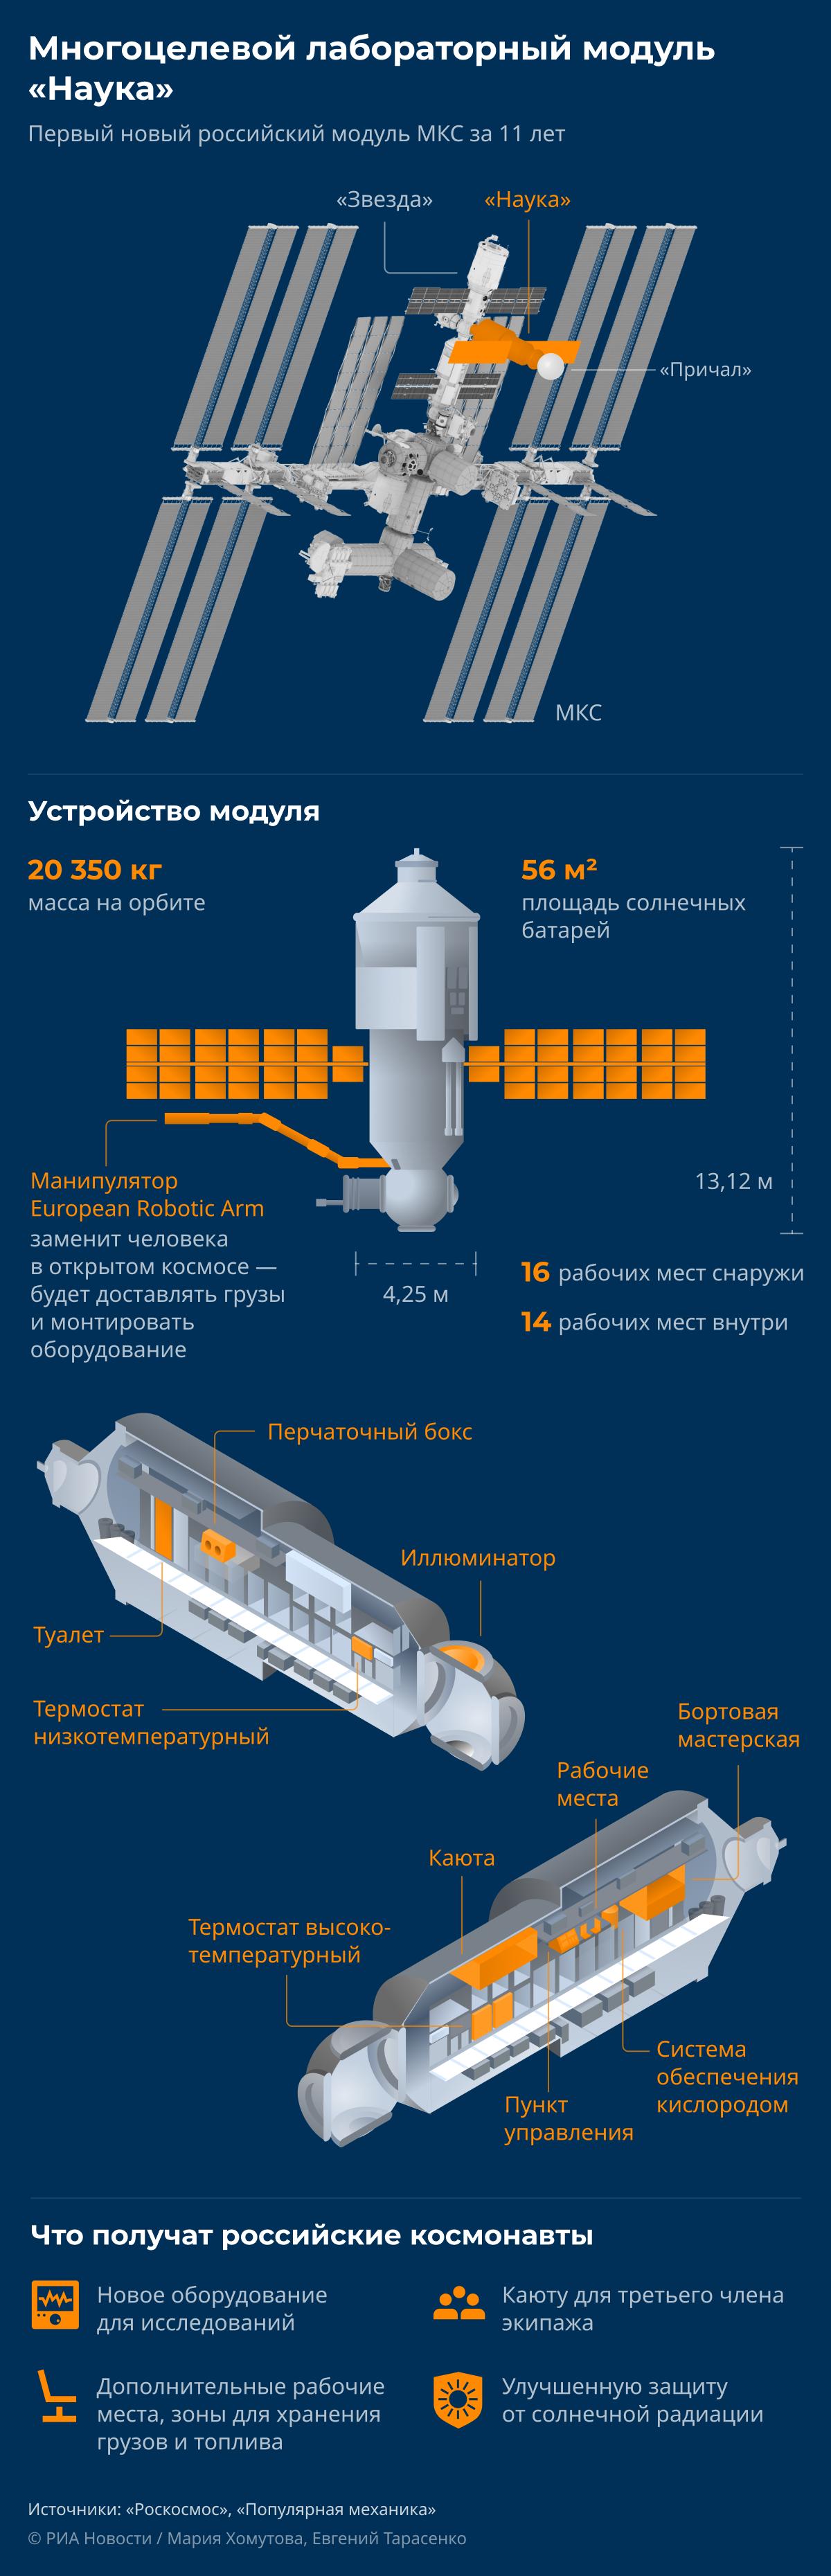 МЛМ Наука: как устроен новый модуль российской части МКС desk